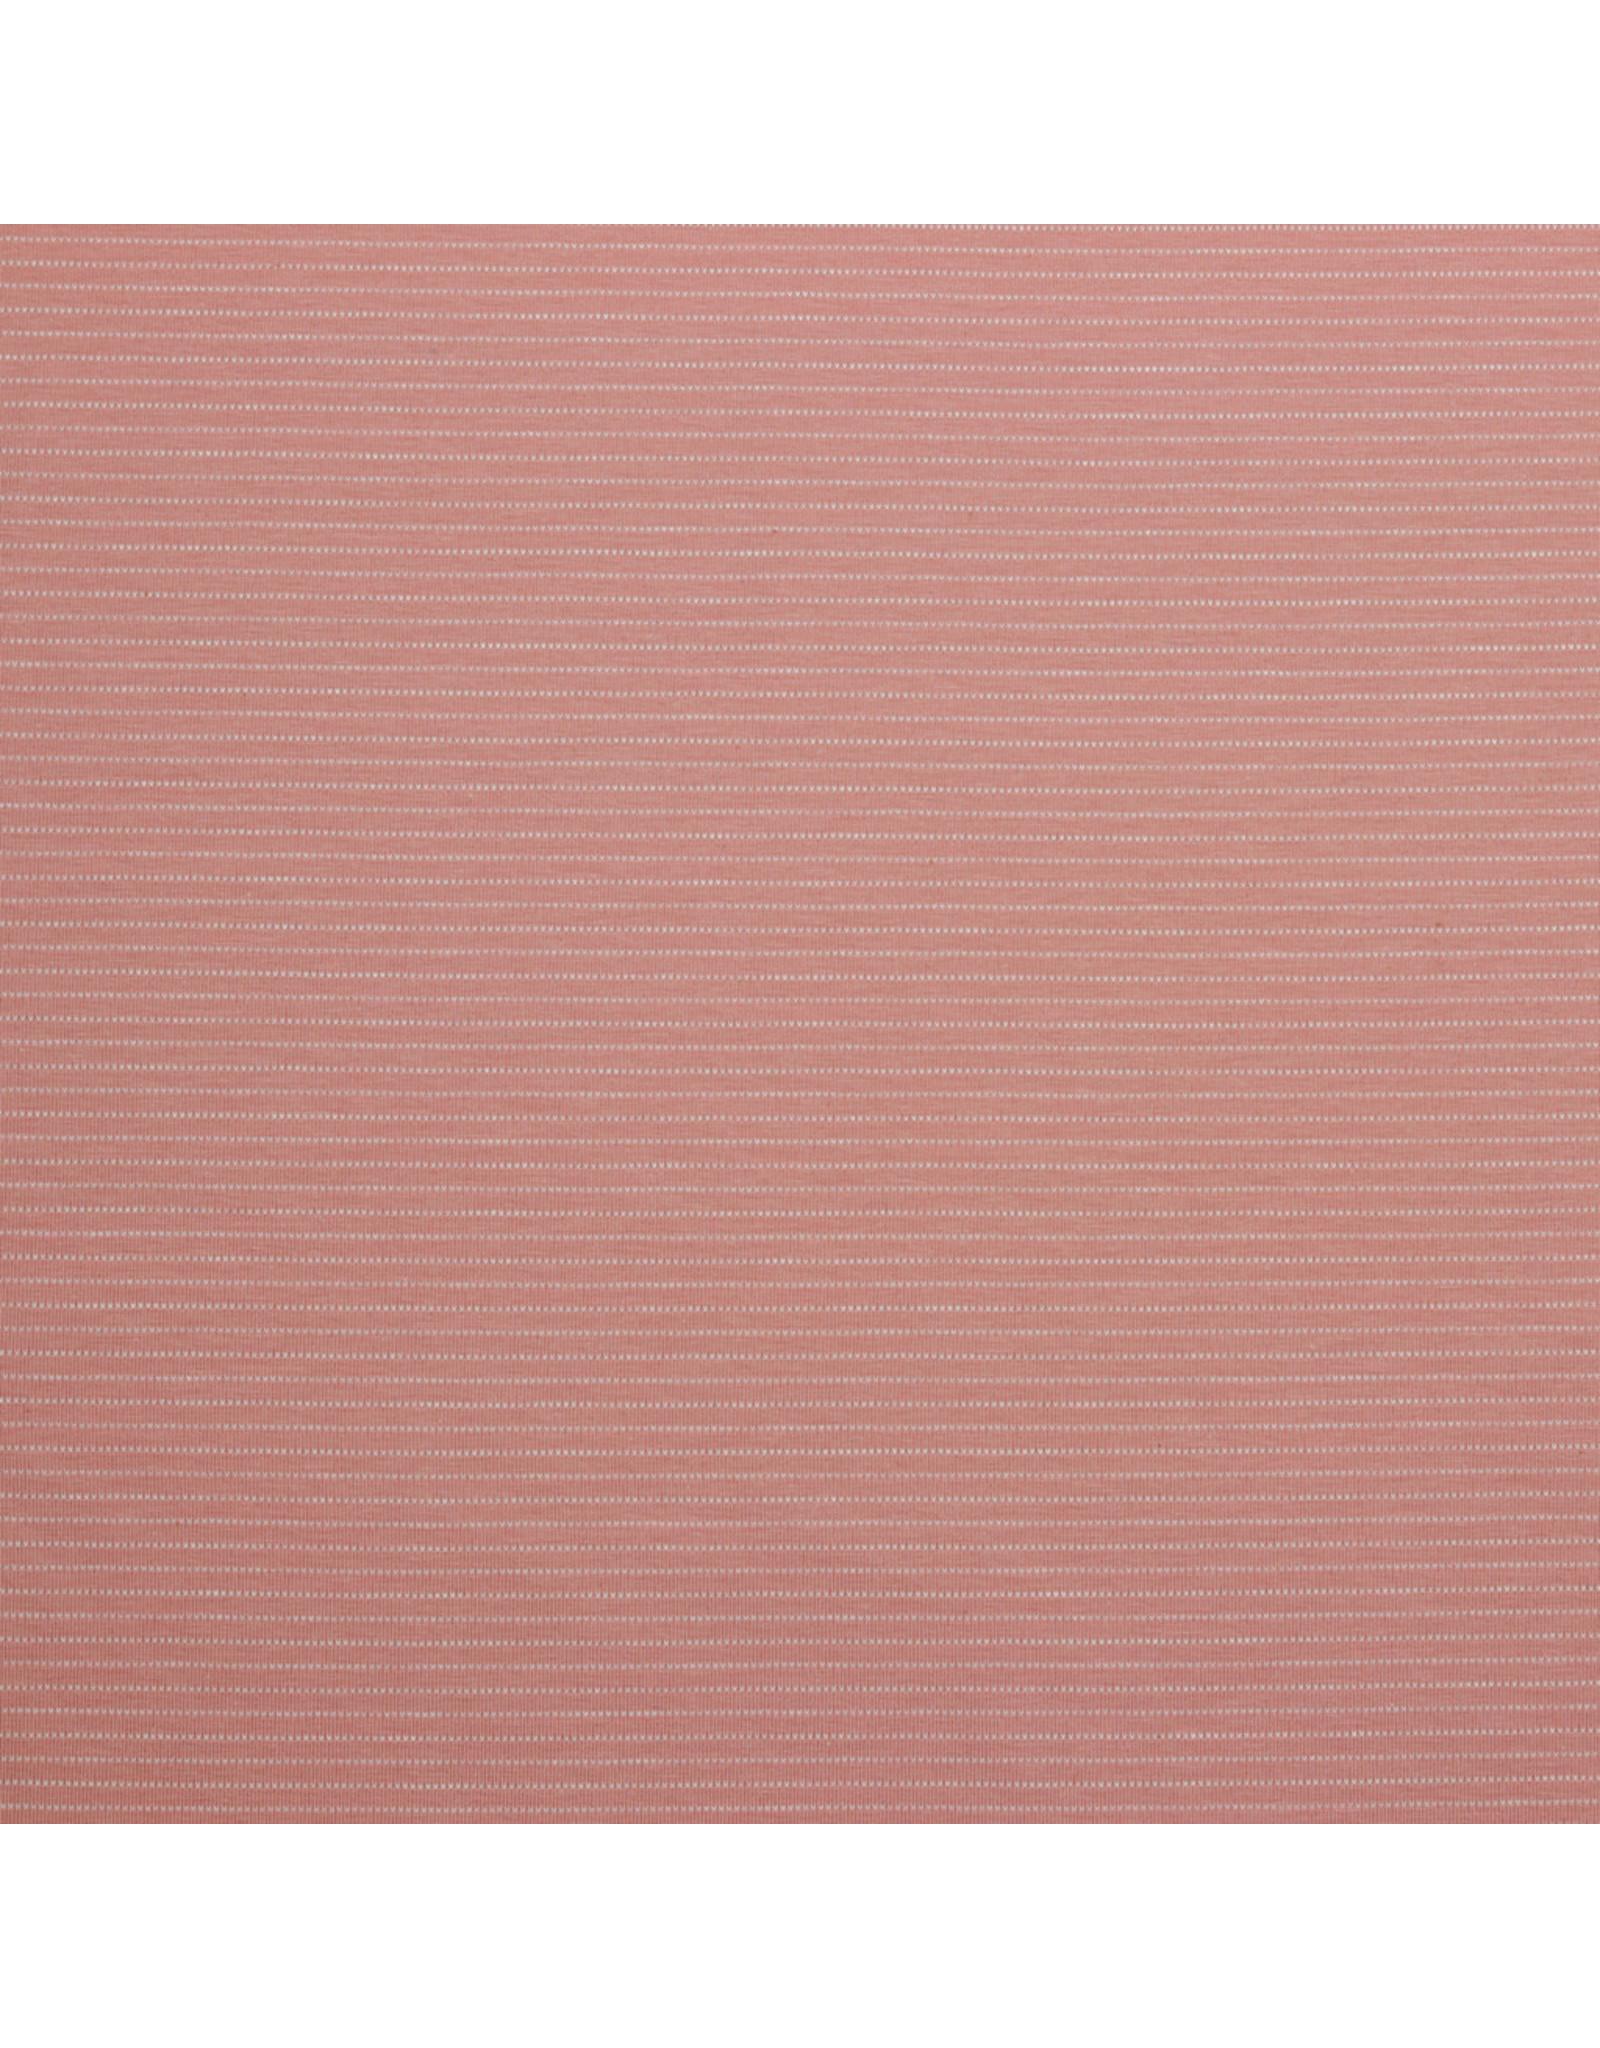 Stik-Stof Jersey stripes roze